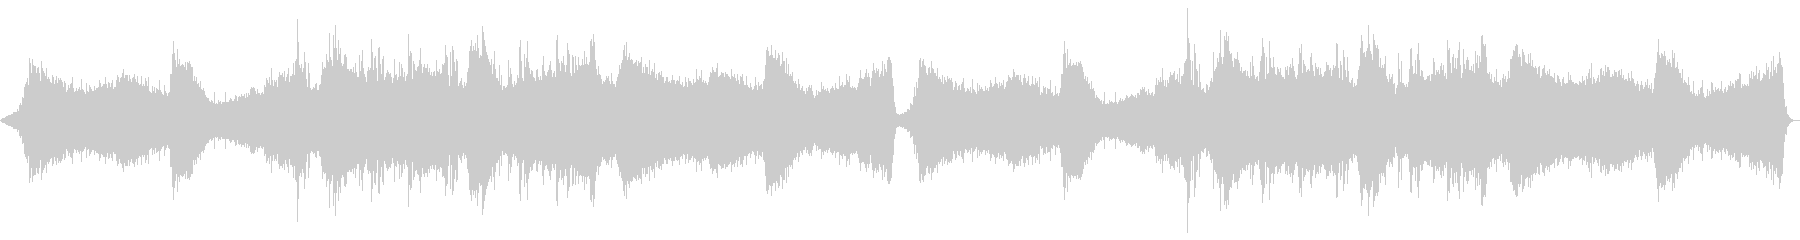 ホラー/アンビエント暗闇をイメージした曲の未再生の波形